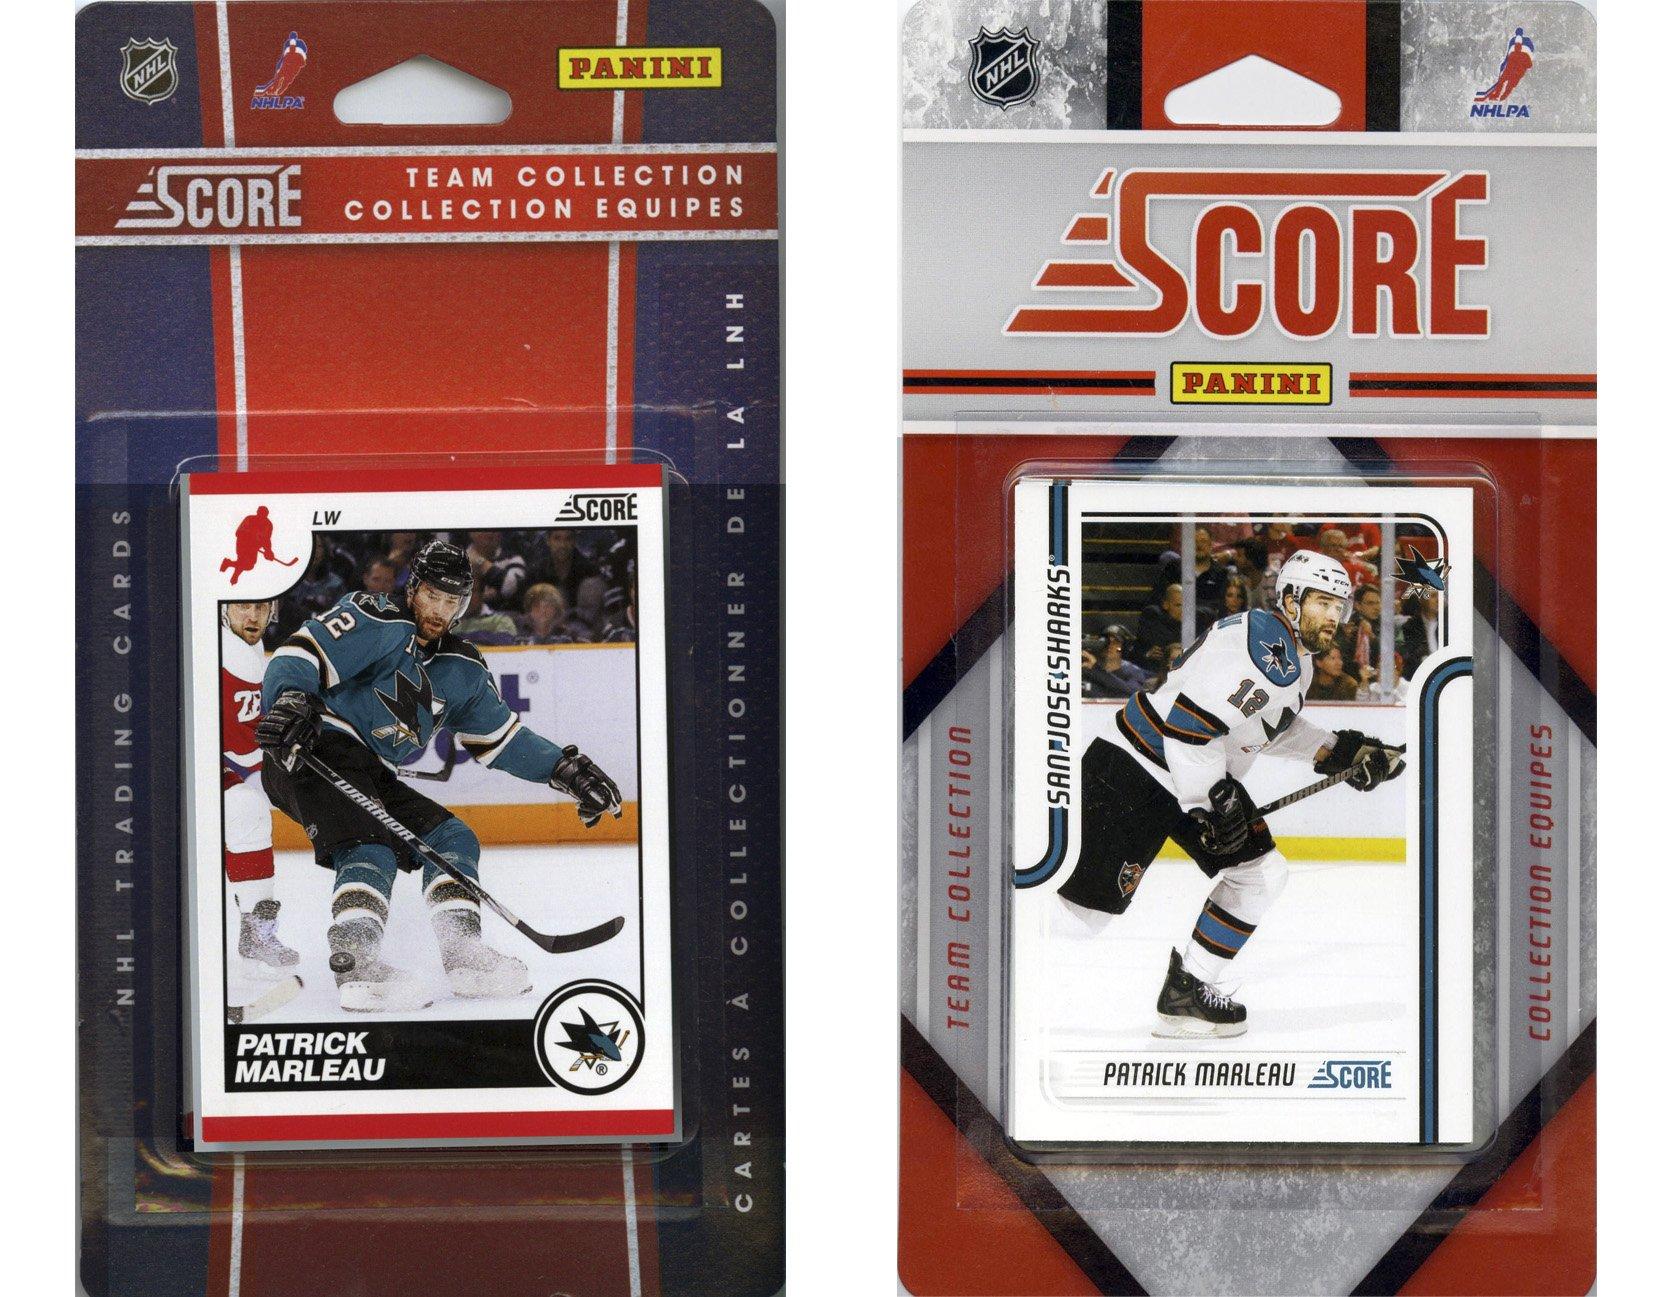 NHL San Jose Sharks Licensed Score 2 Team Sets